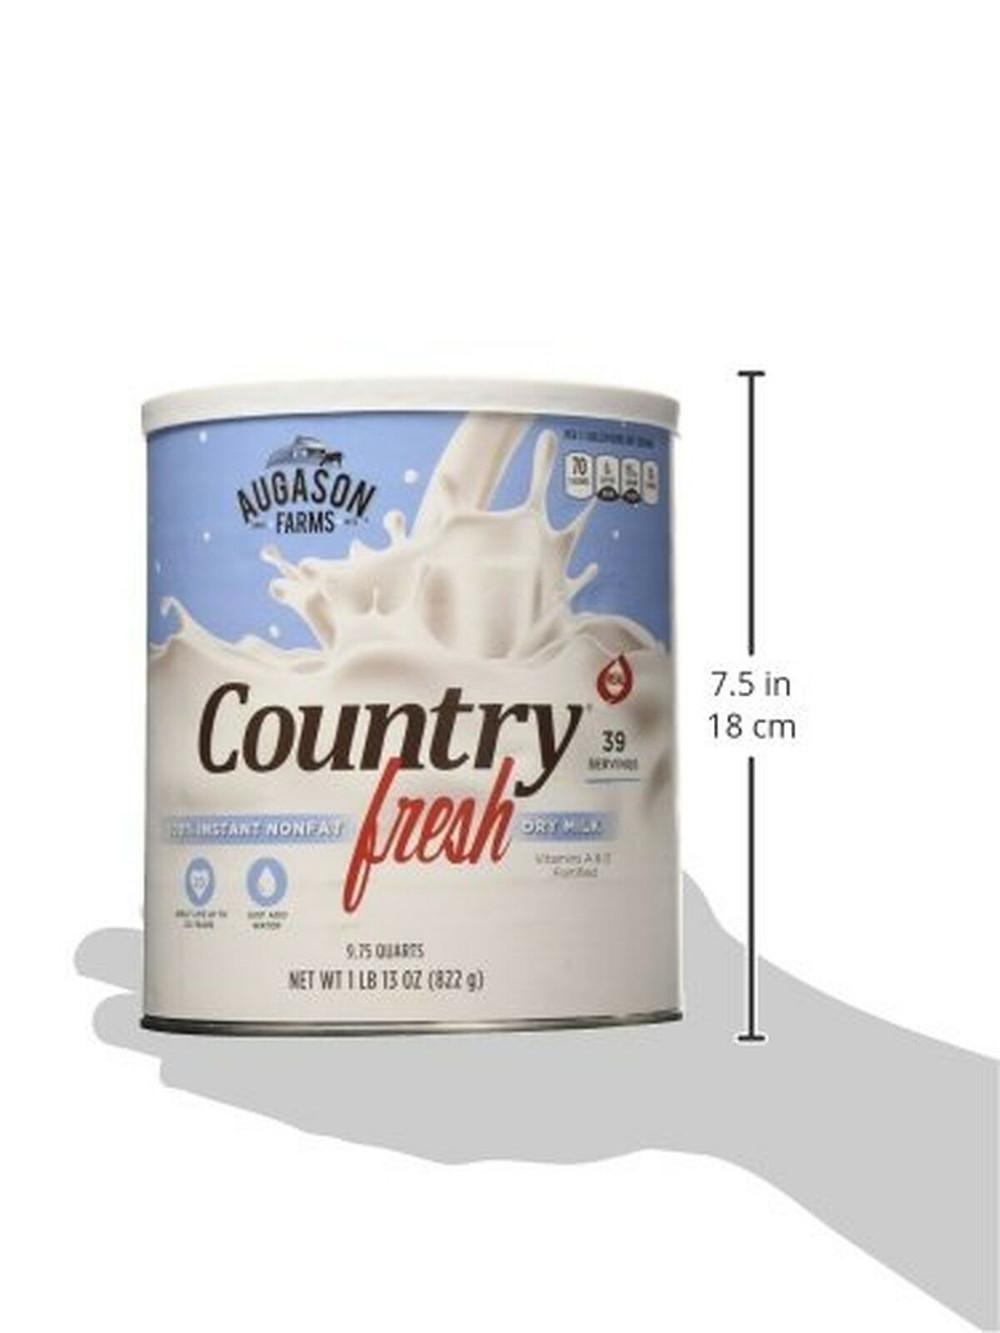 100%真正的速溶脫脂牛奶粉